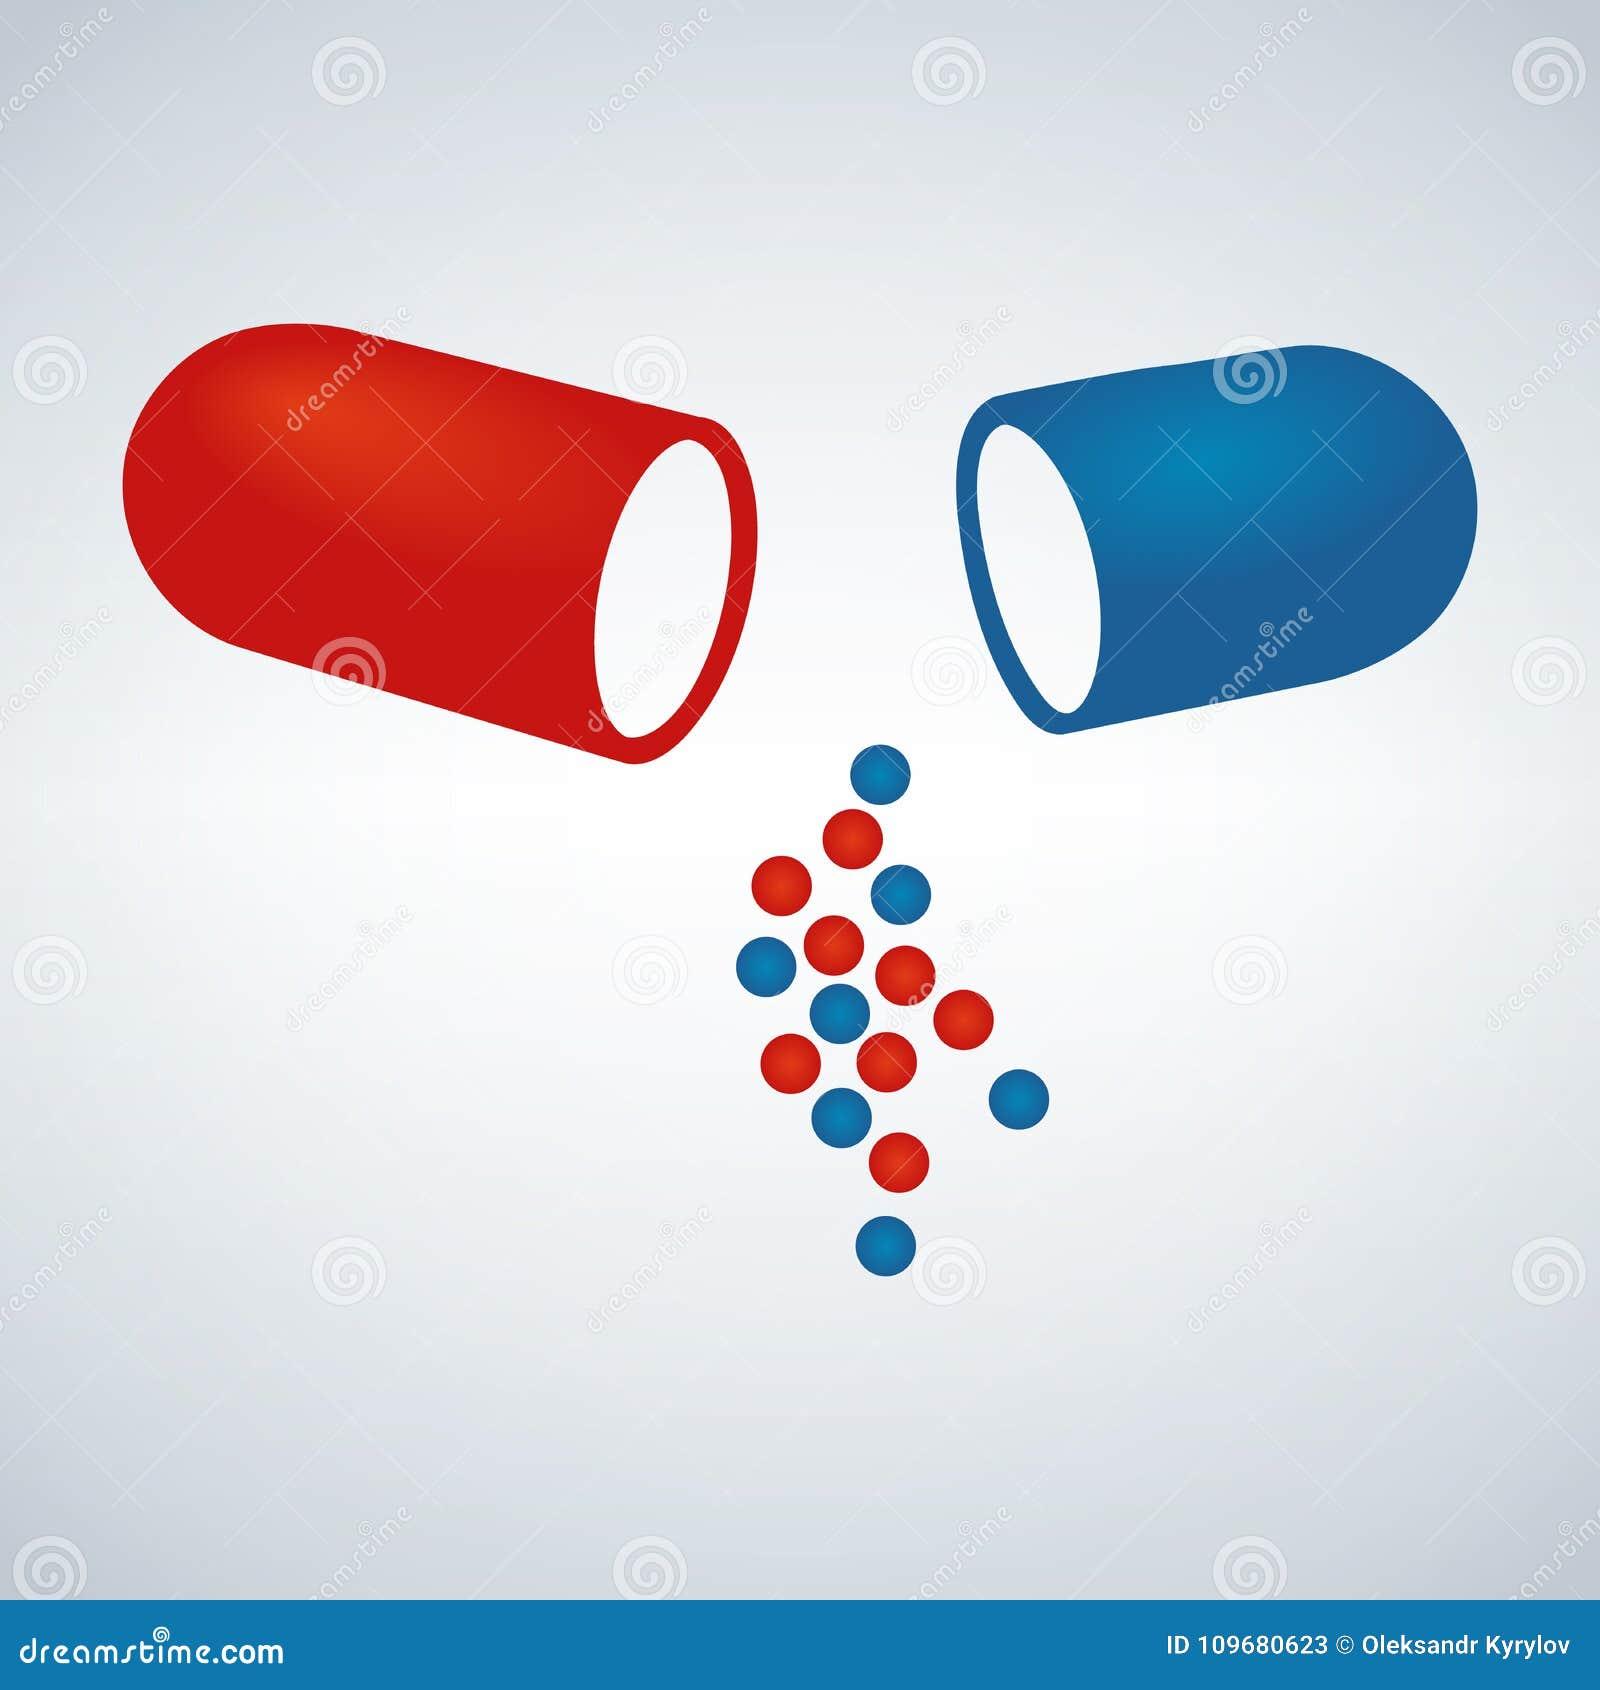 Μπλε και κόκκινη κάψα, παυσίπονα, αντιβιοτικά, βιταμίνες, αμινοξέα, μεταλλεύματα, βιο ενεργός πρόσθετη ουσία, αθλητική διατροφή Ε